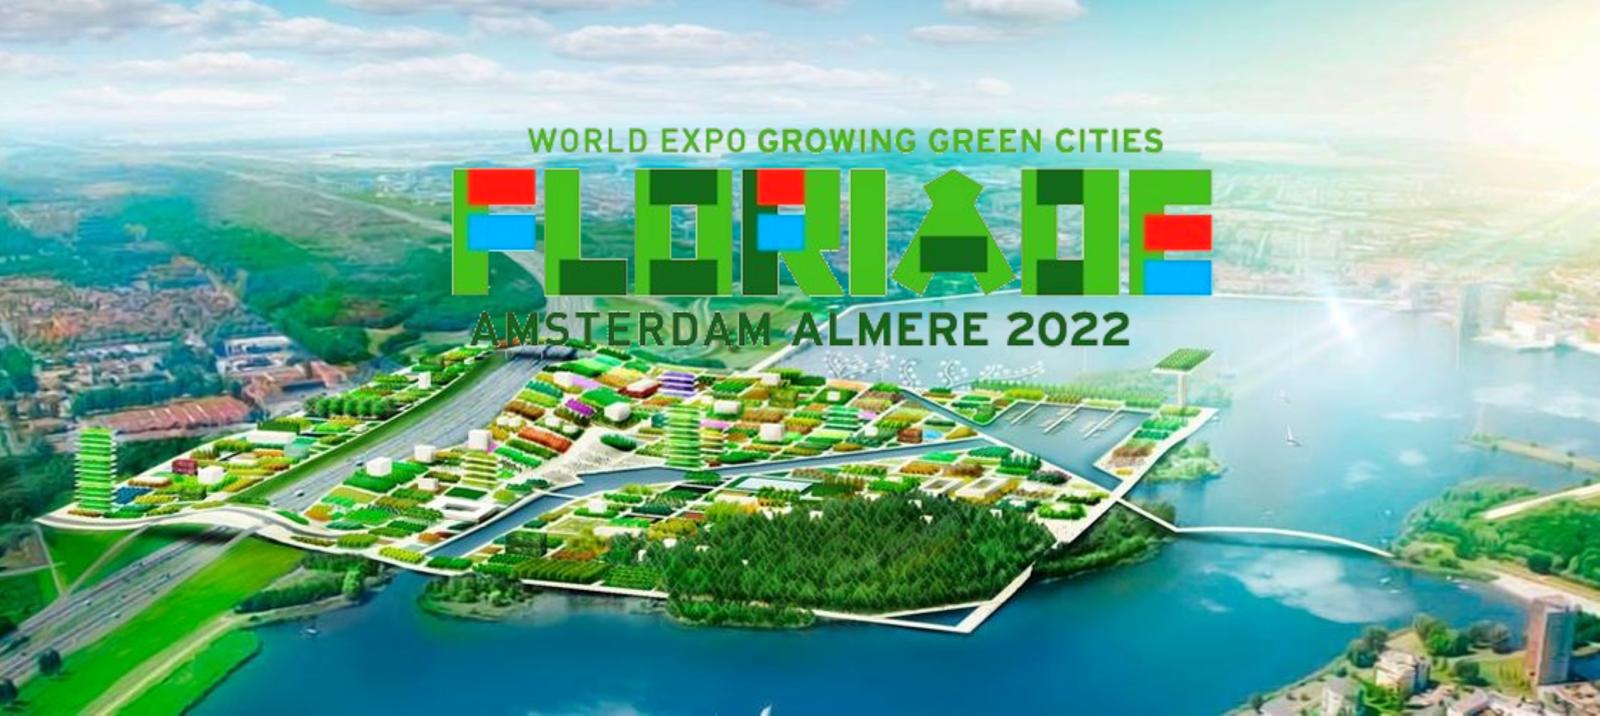 Floriade Expo 2022, Almere